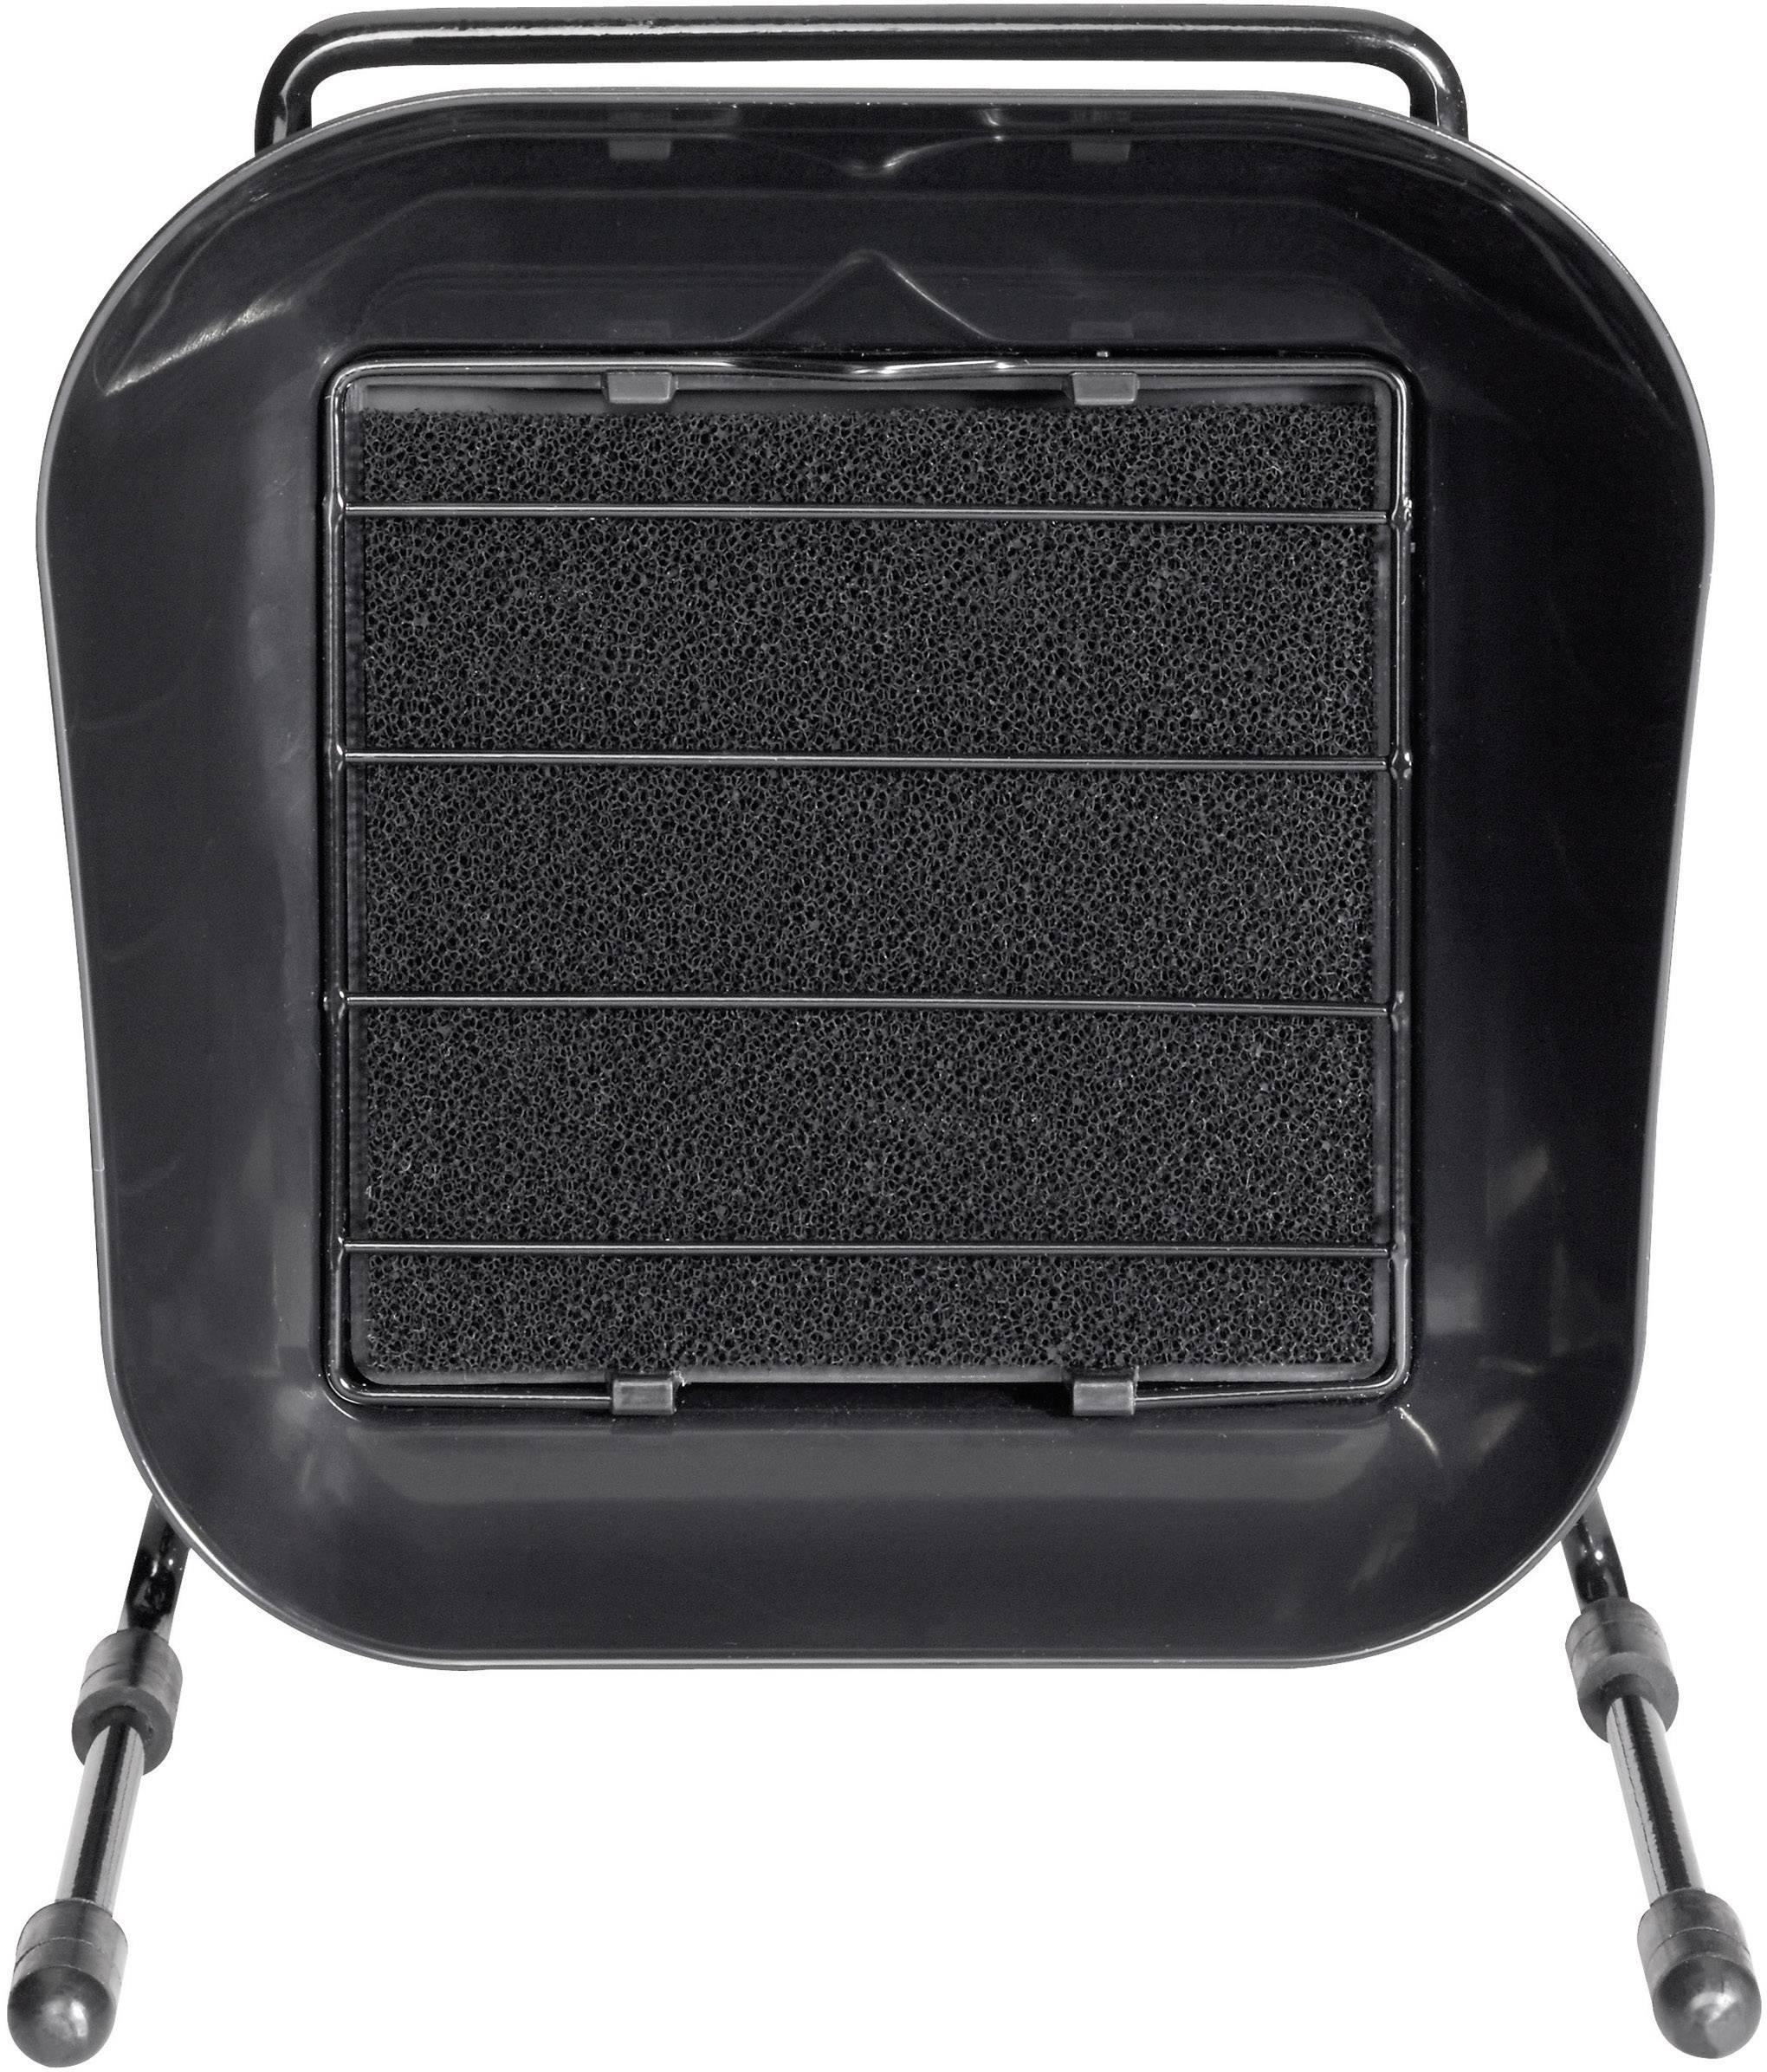 Odsávač dymu pri spájkovaní TOOLCRAFT ZD-153, 23 W, 230 V/AC, 60 m³/h